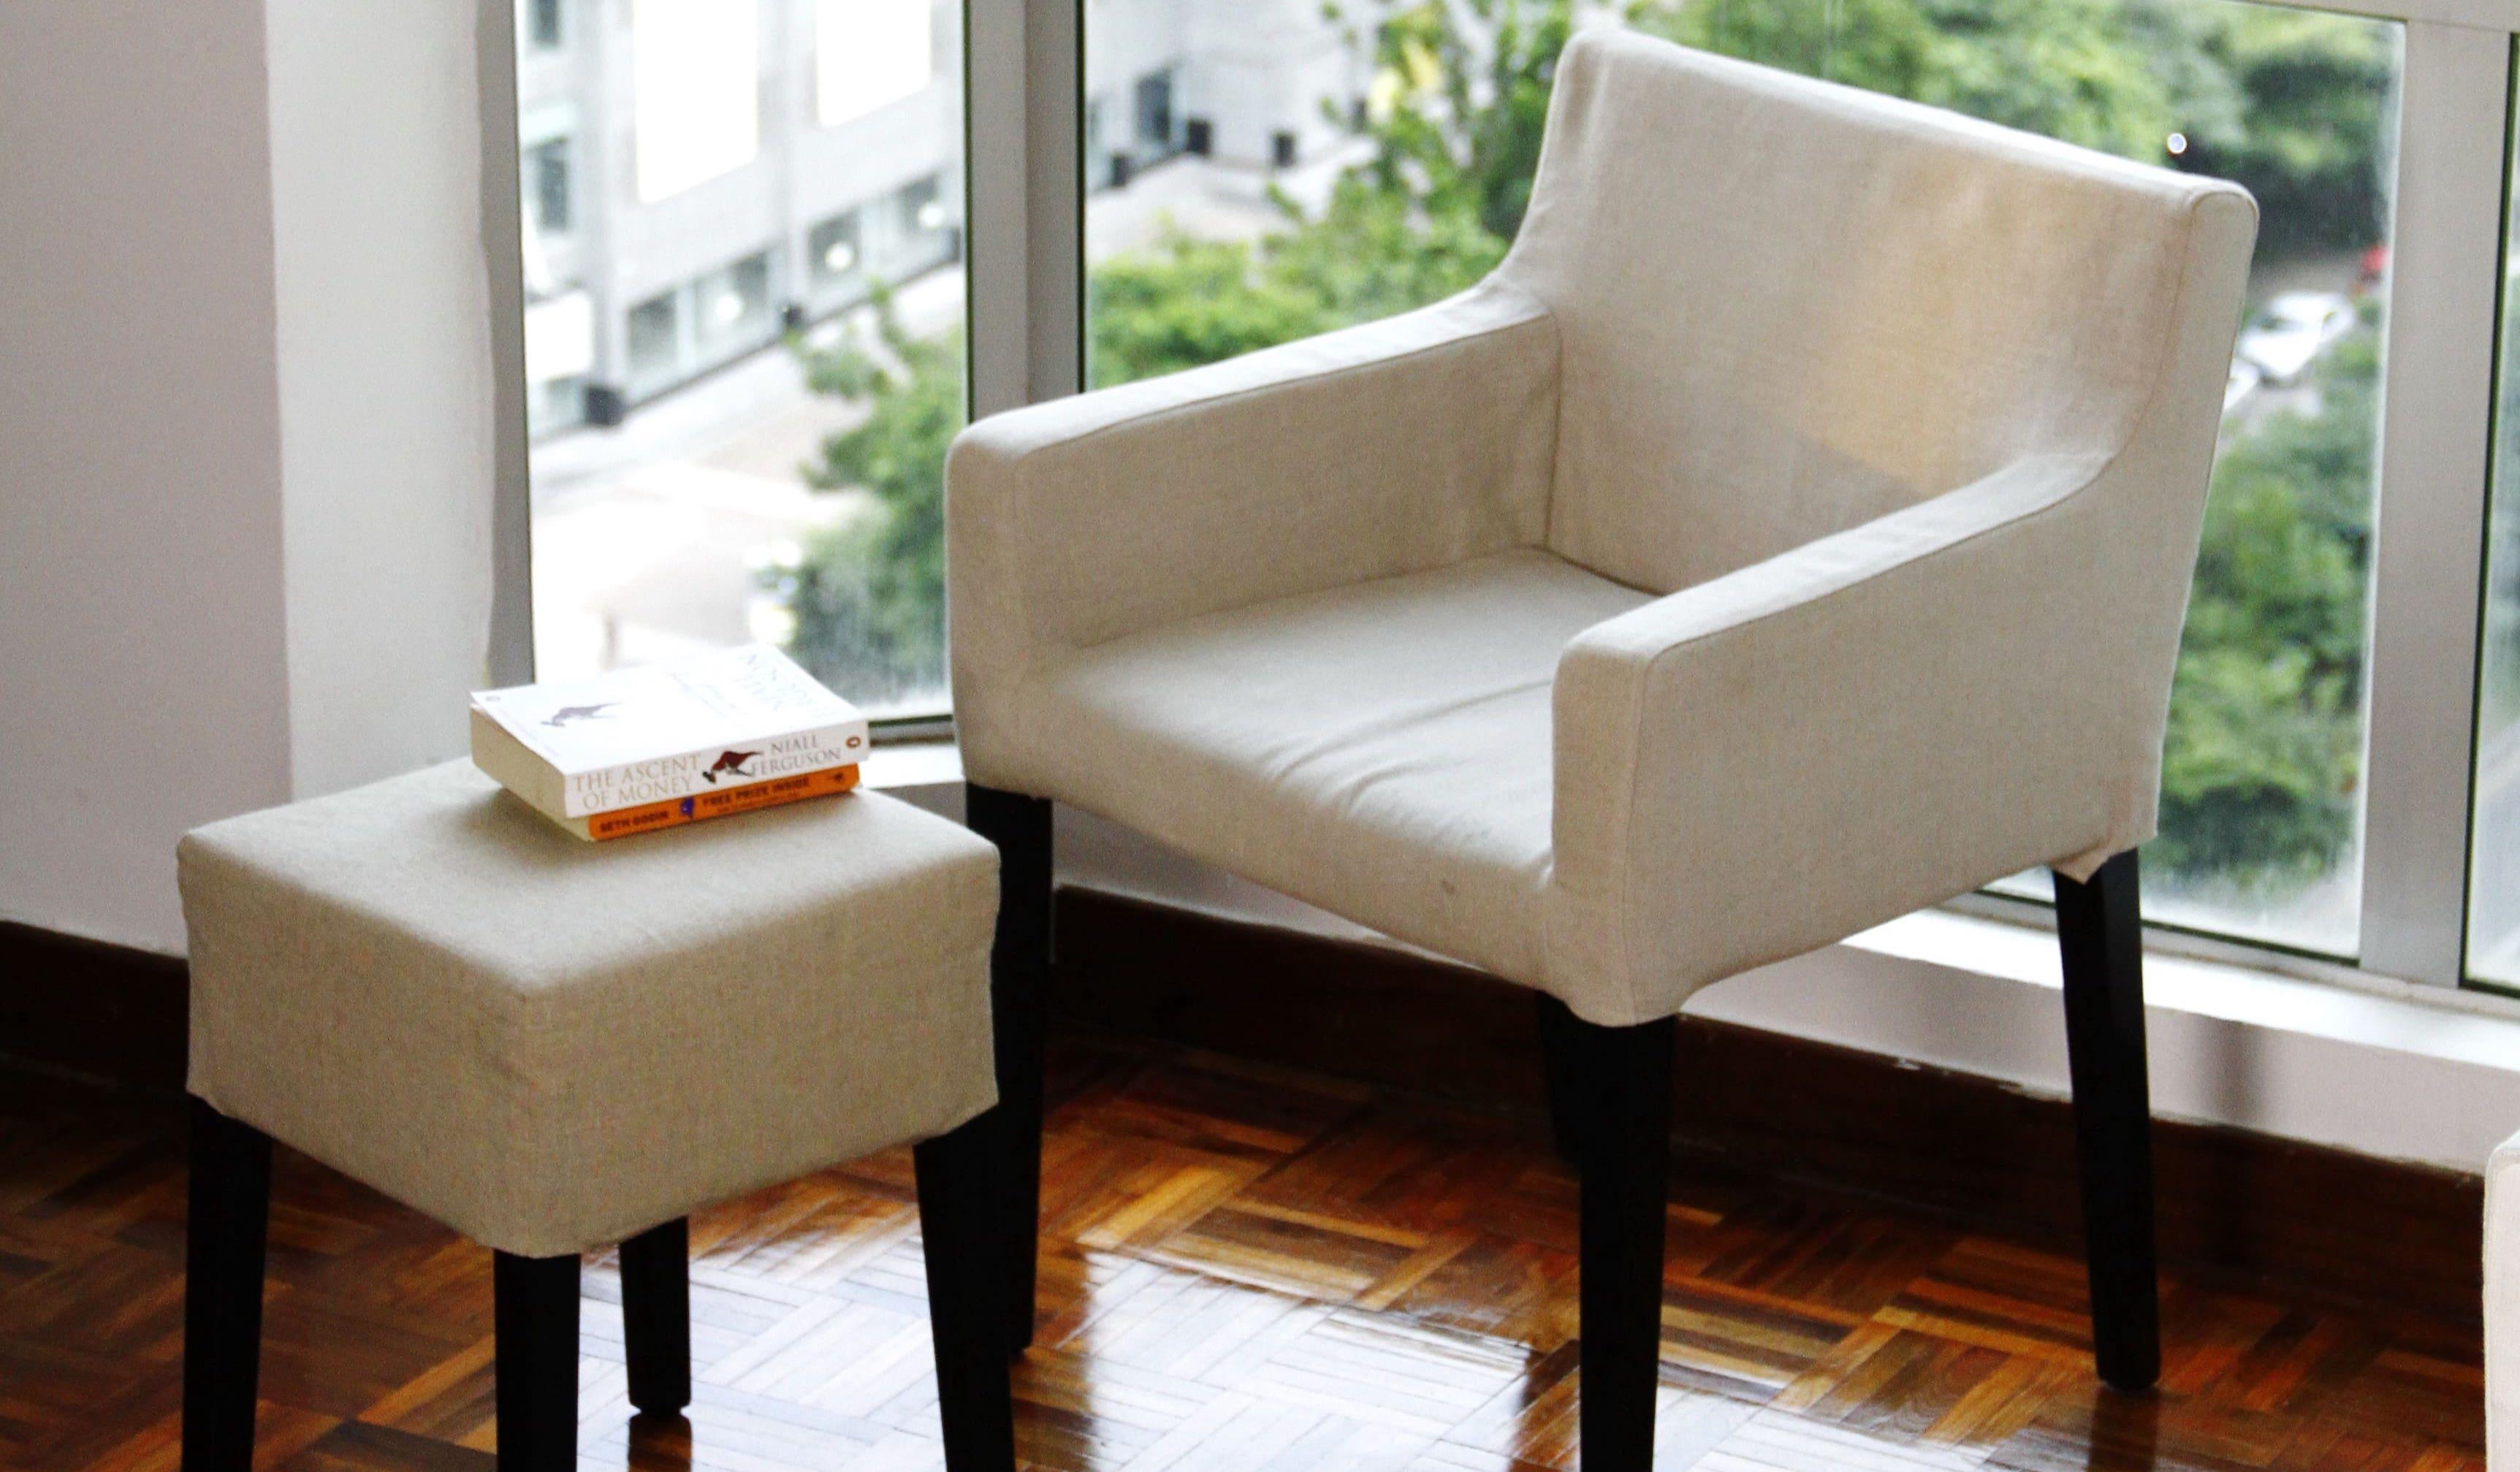 Transformez vos vieilles chaises avec de nouvelles housses